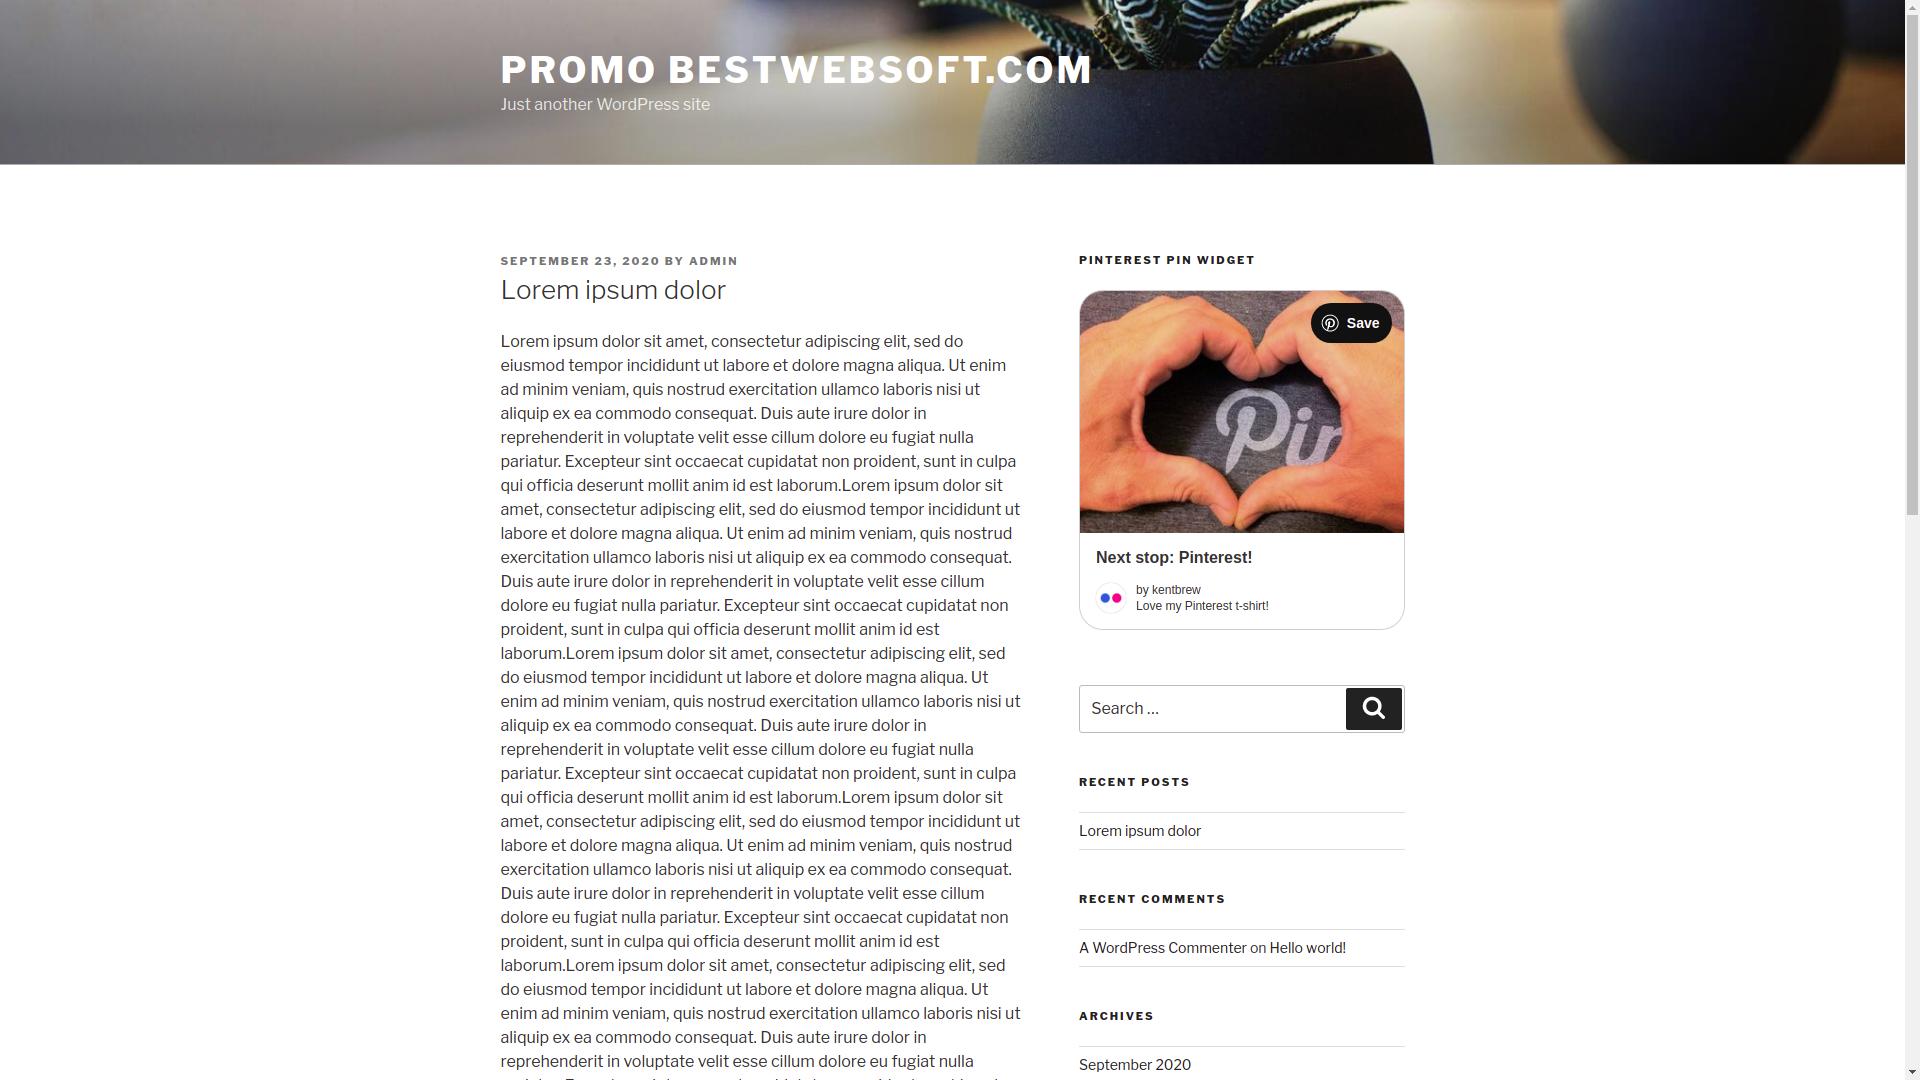 bestwebsoft's pinterest screenshot 5